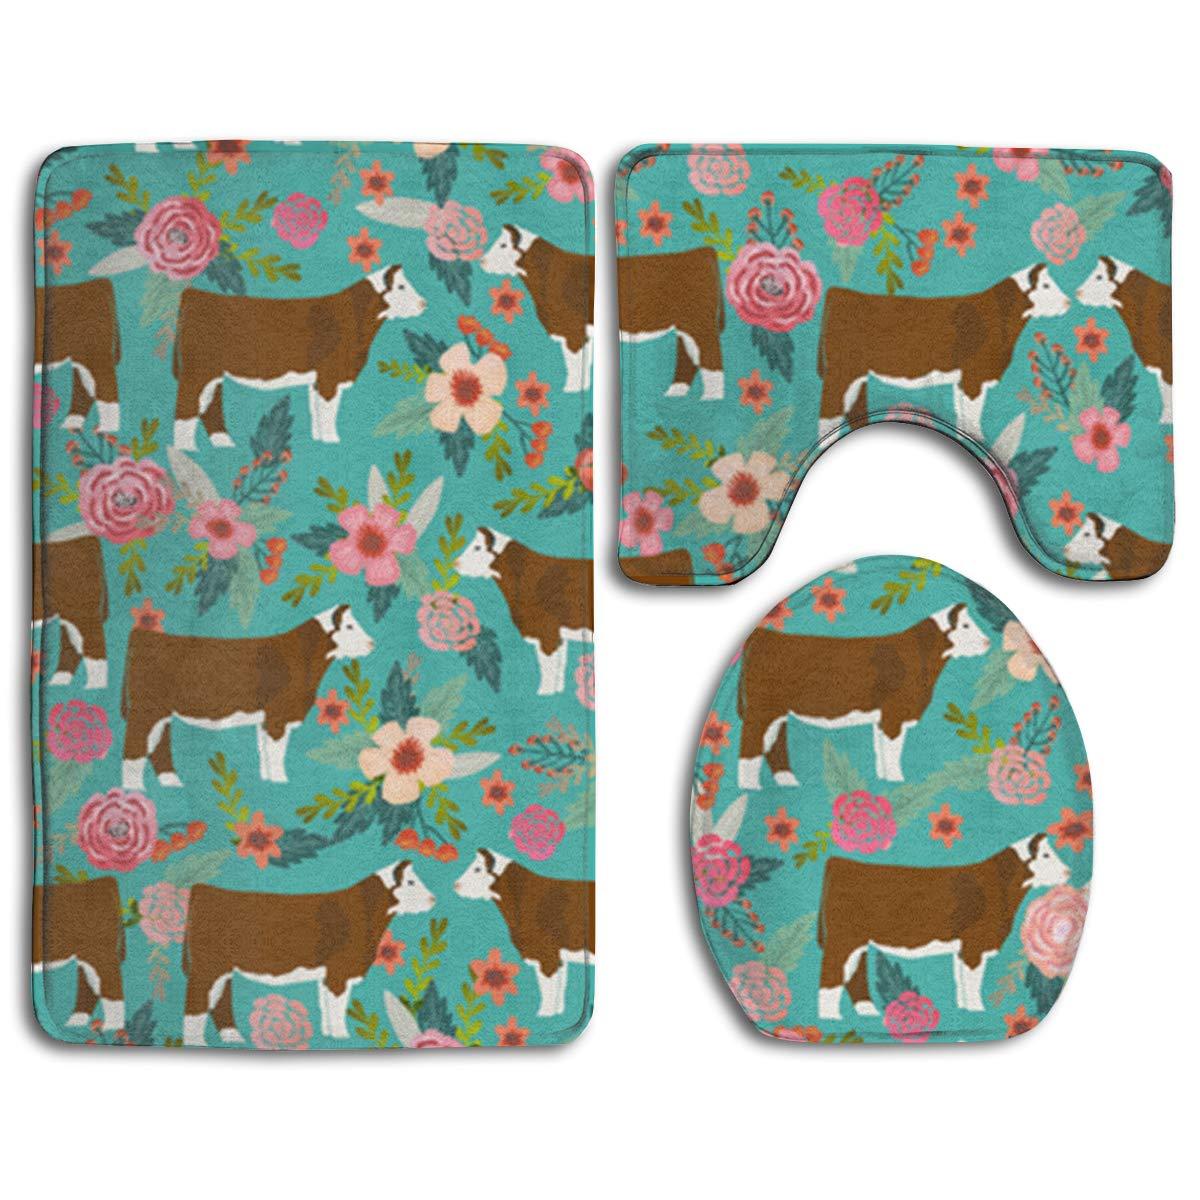 Contour Mat Set of 3 Bathroom Rugs Floral Mats Bathmat Toilet Lid Cover